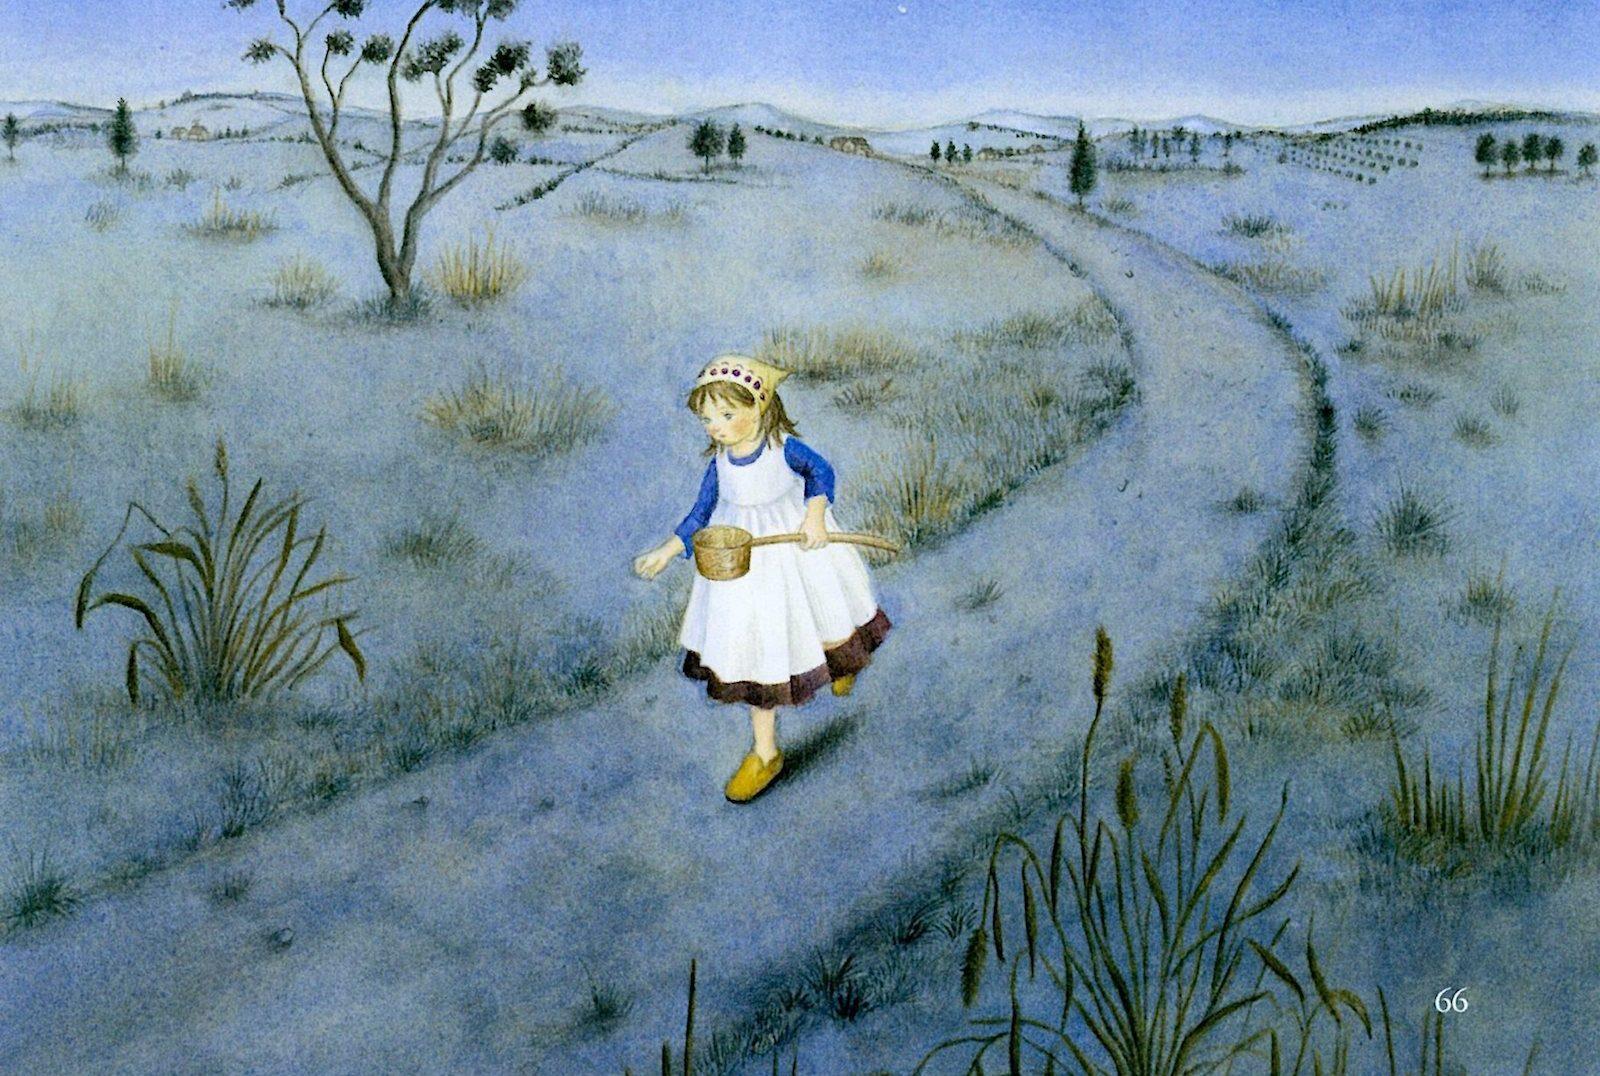 ひしゃくぼし-その年は雨が降らず、女の子は病気のお母さんのために水を汲みに行きました。